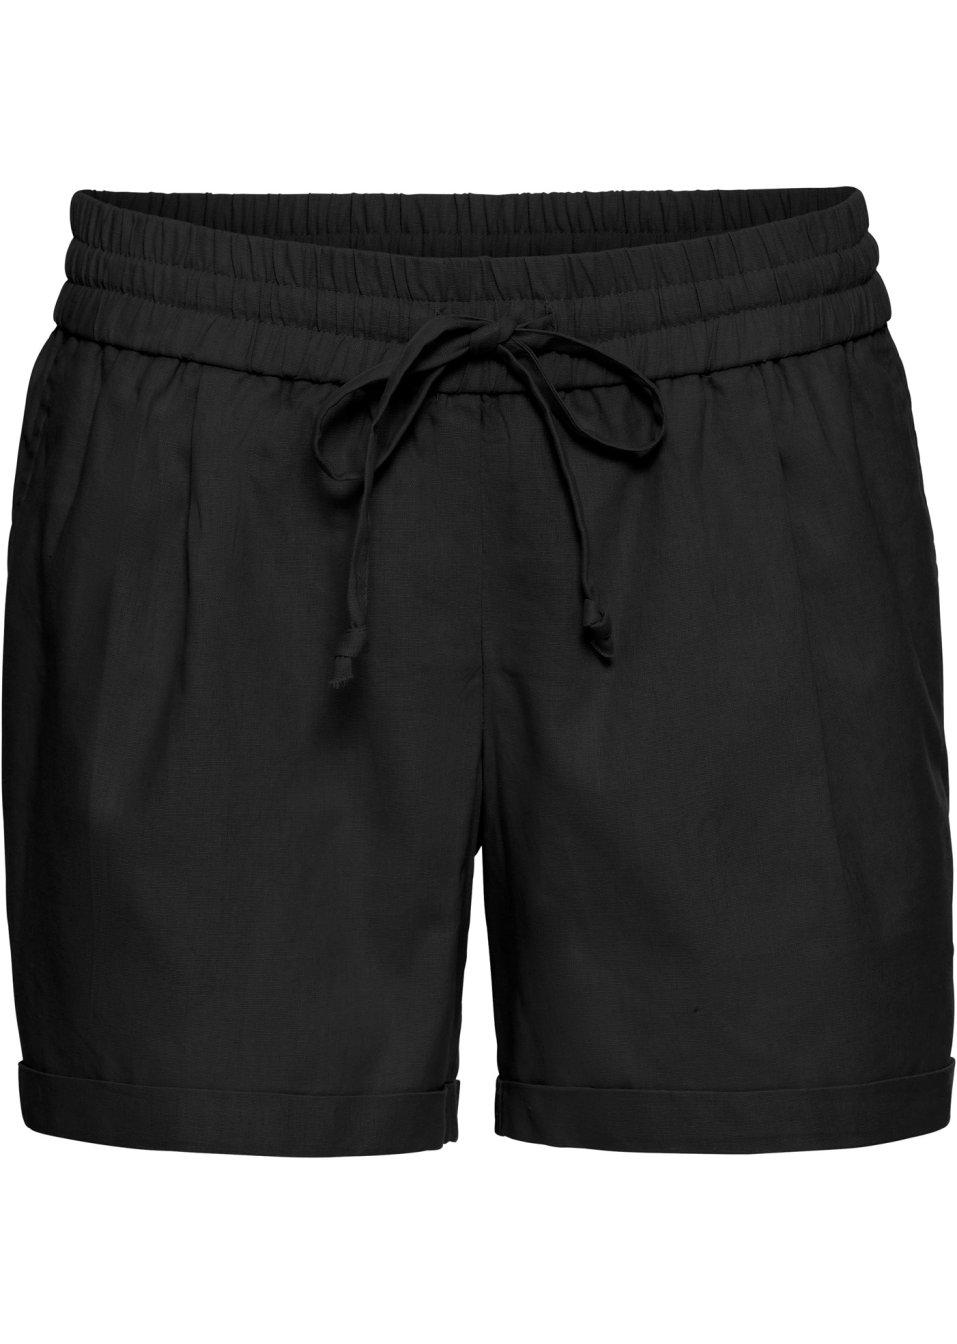 Lässige Leinen-Shorts mit flexiblem Bund - schwarz QZmR4 fZgp5